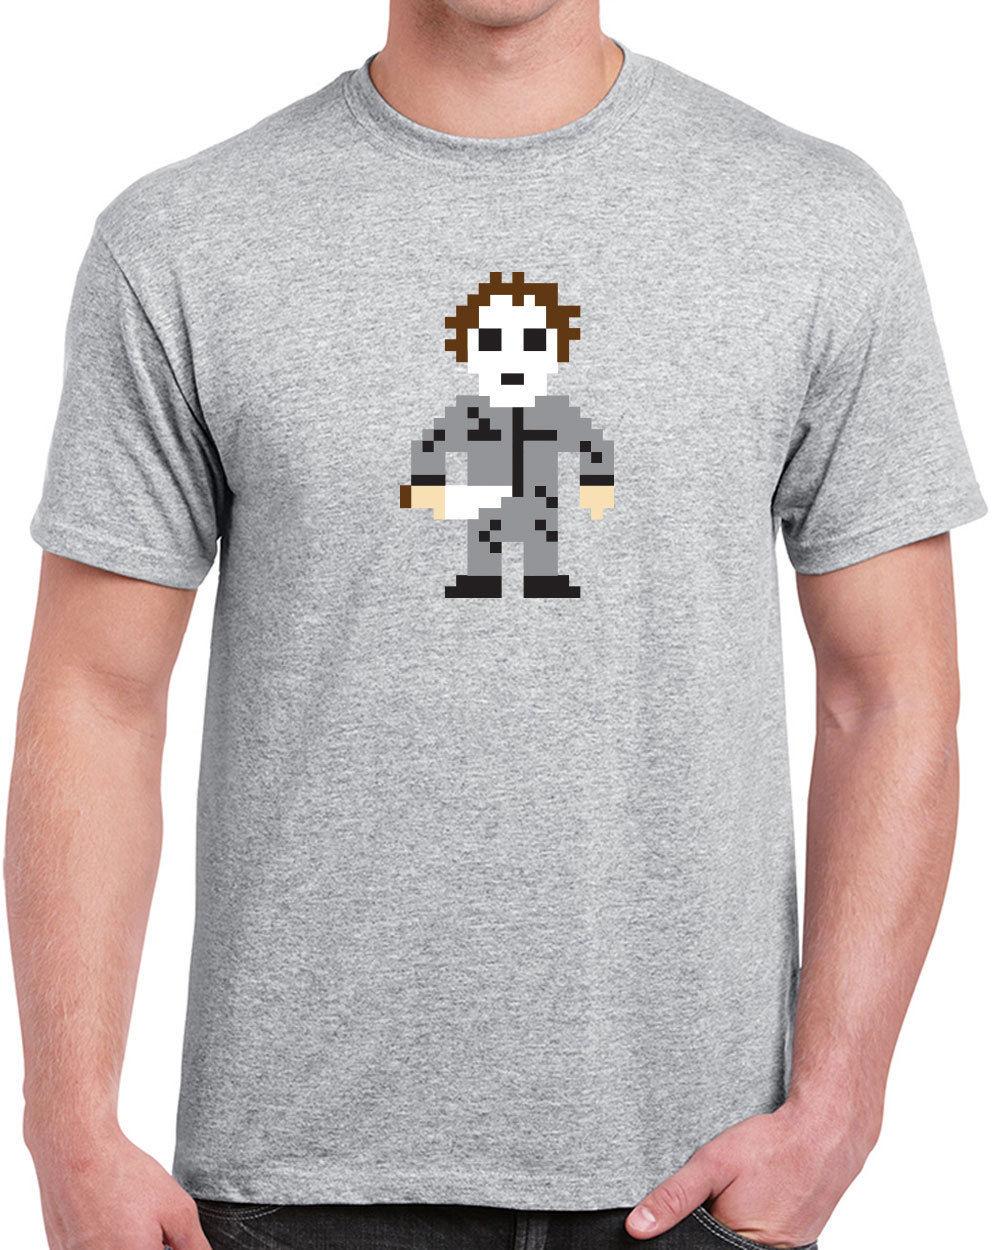 Best T Shirt Websites - T Shirt Design Collections